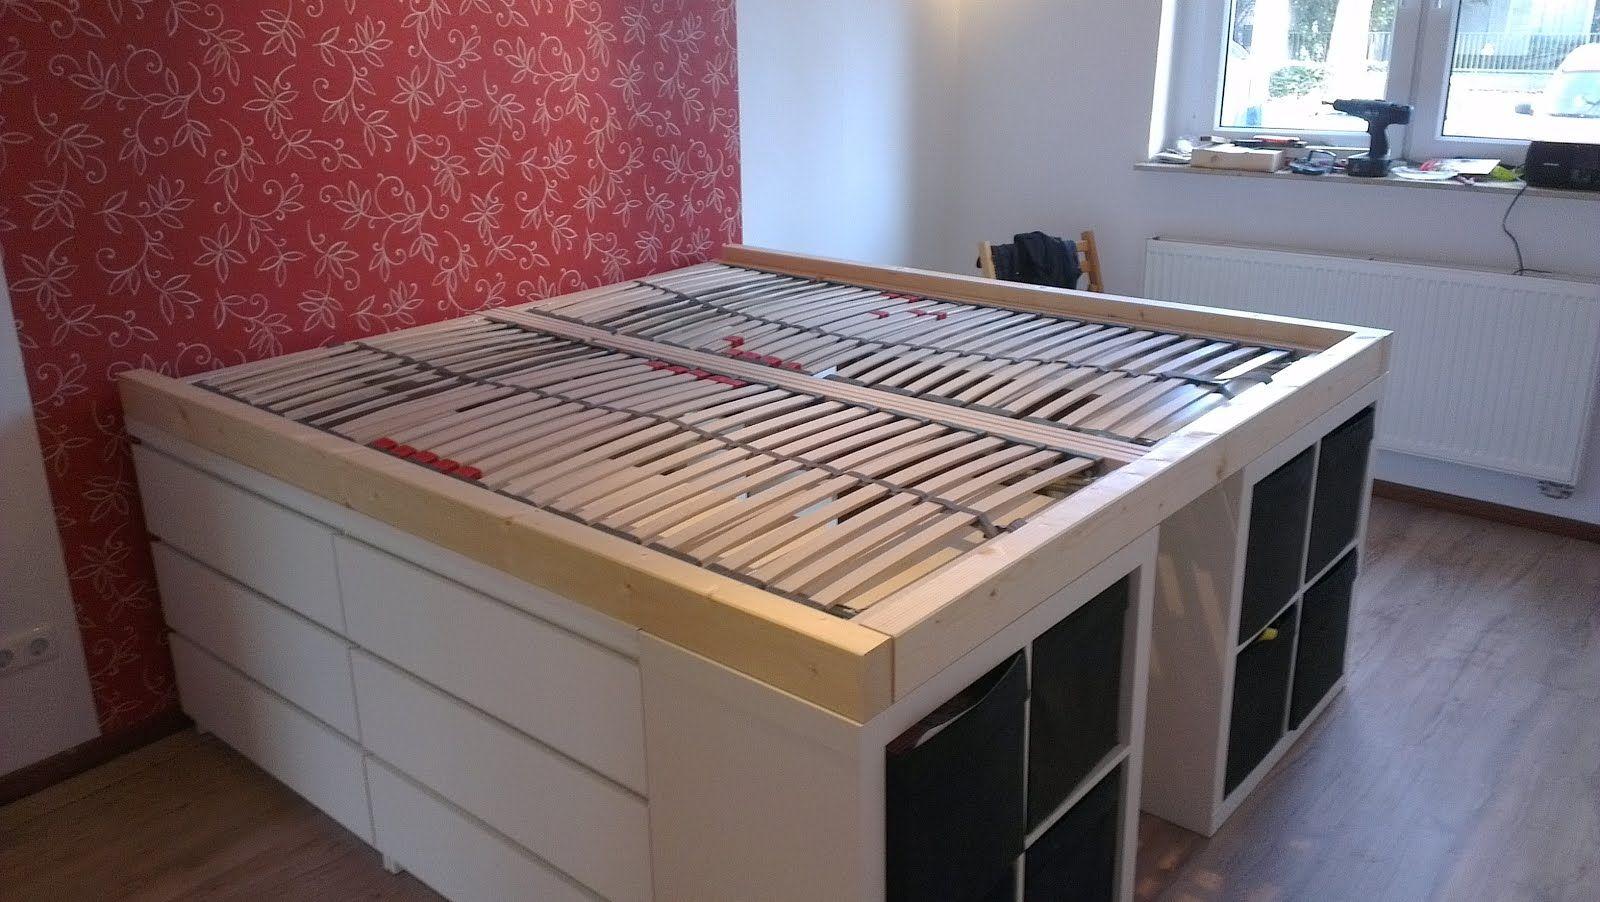 Half A Loft Bed Ikea Hack Lit Chambre Diy Et Diy Ikea